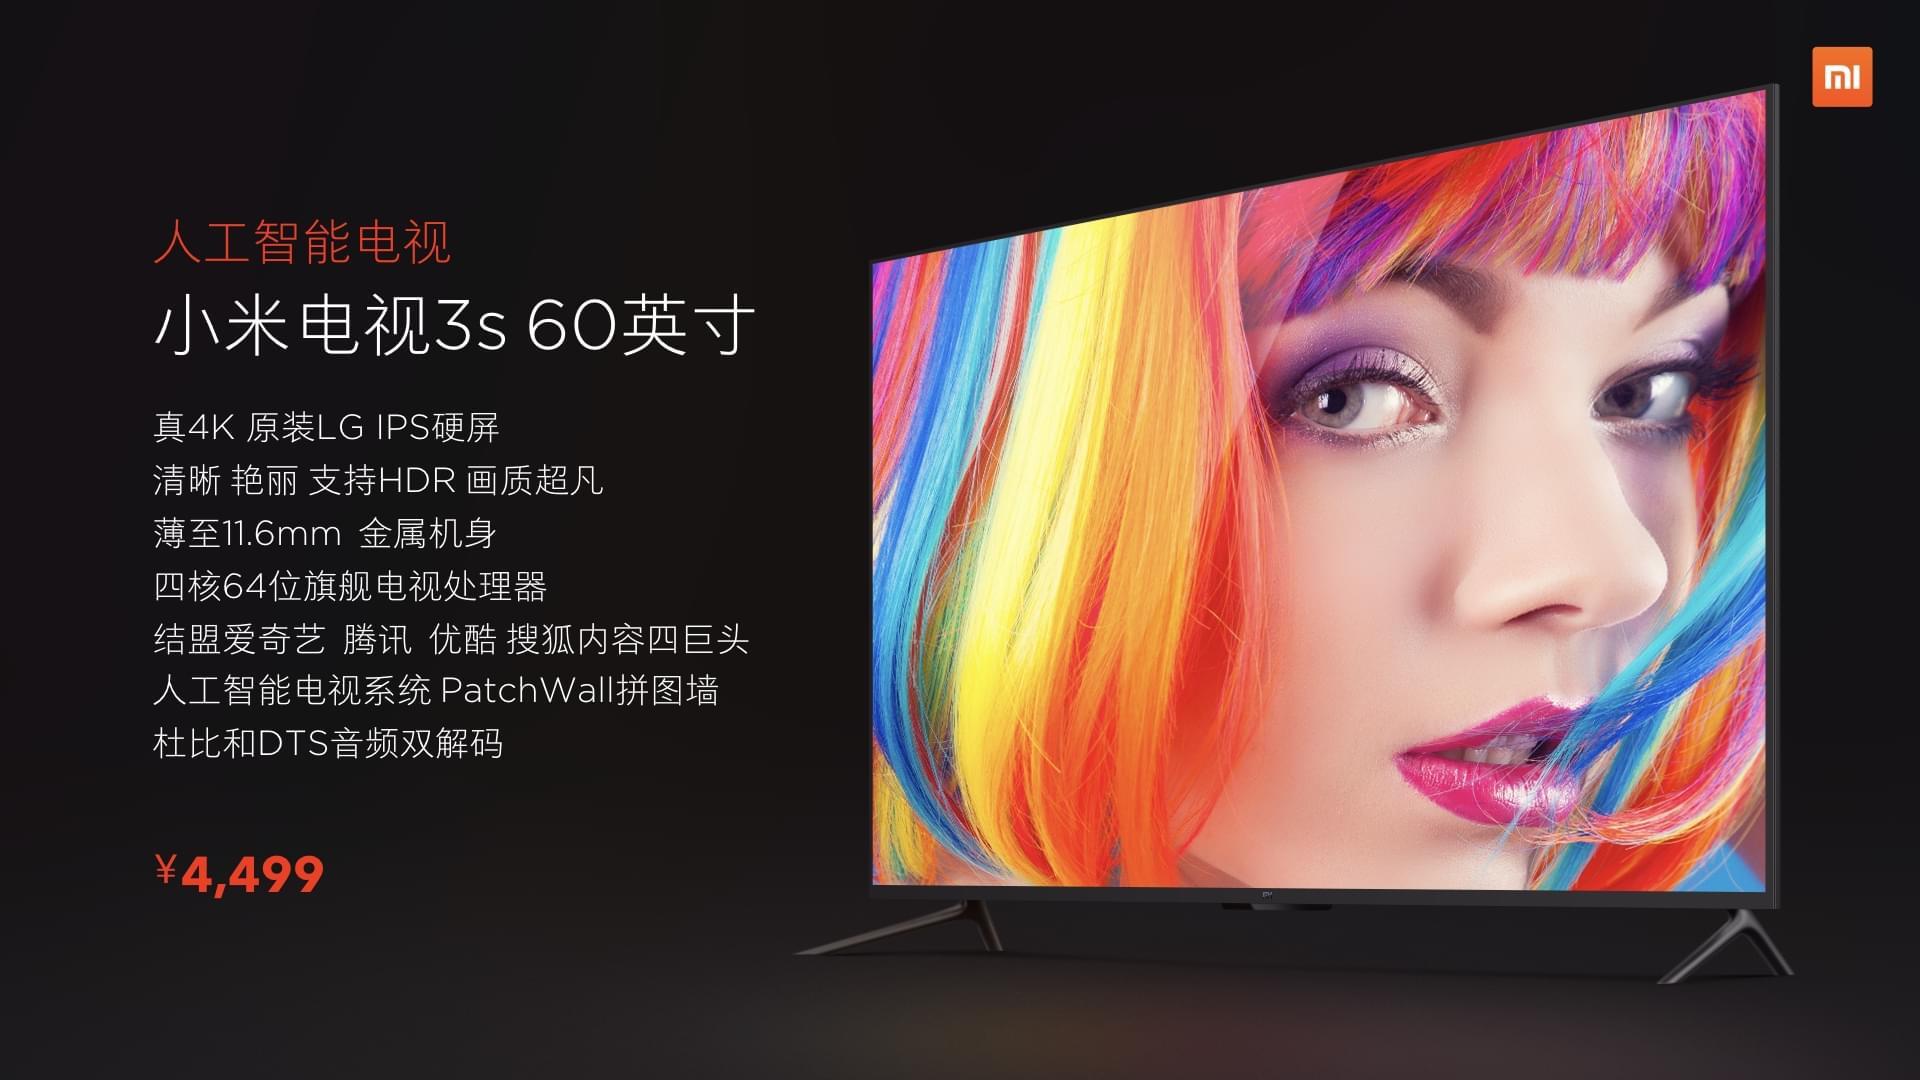 小米电视3s再添60吋规格新机